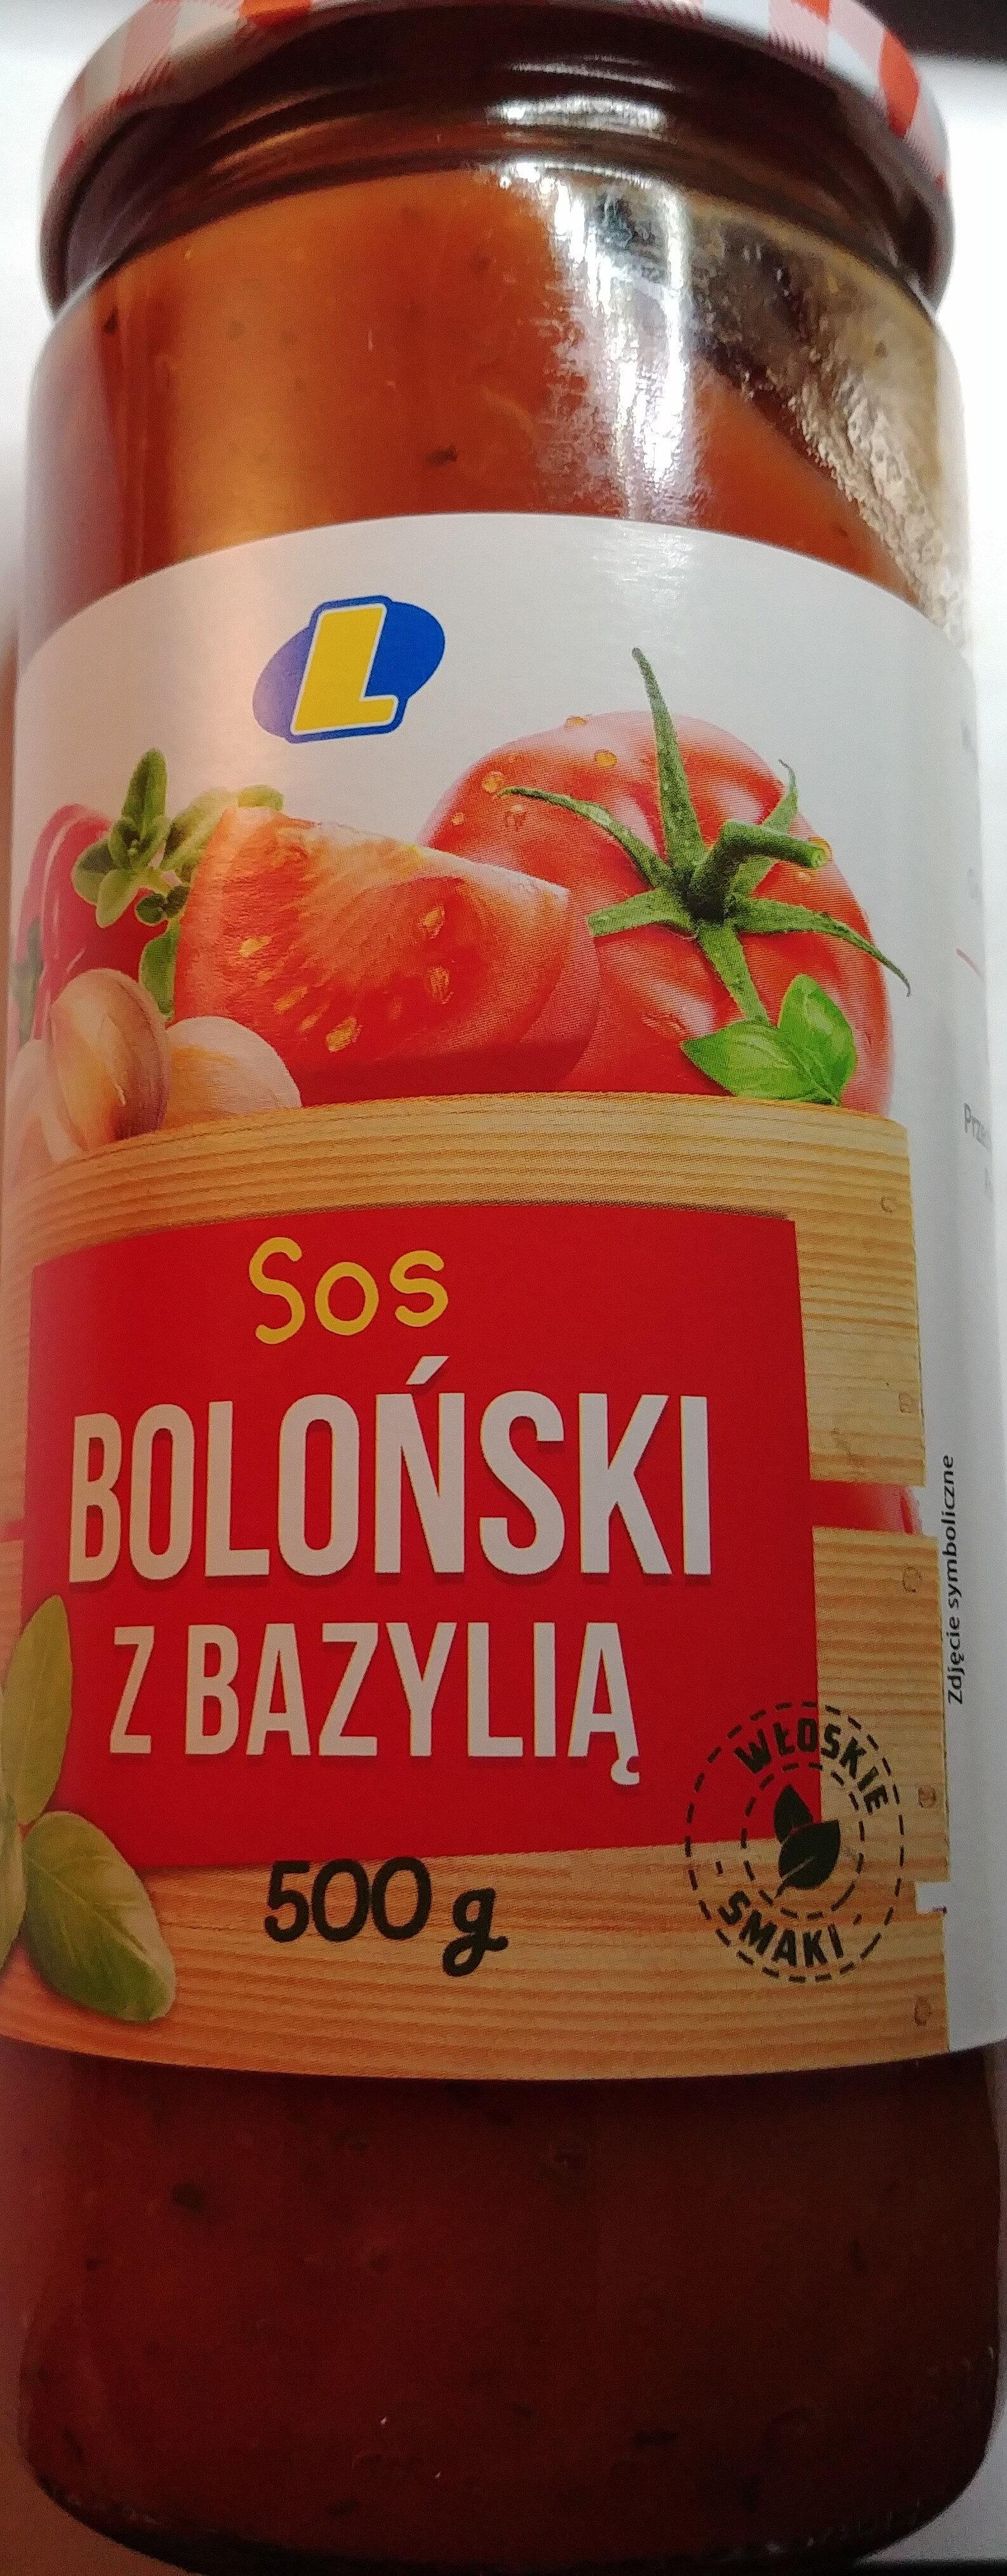 Sos Boloński z bazylią - Produkt - pl